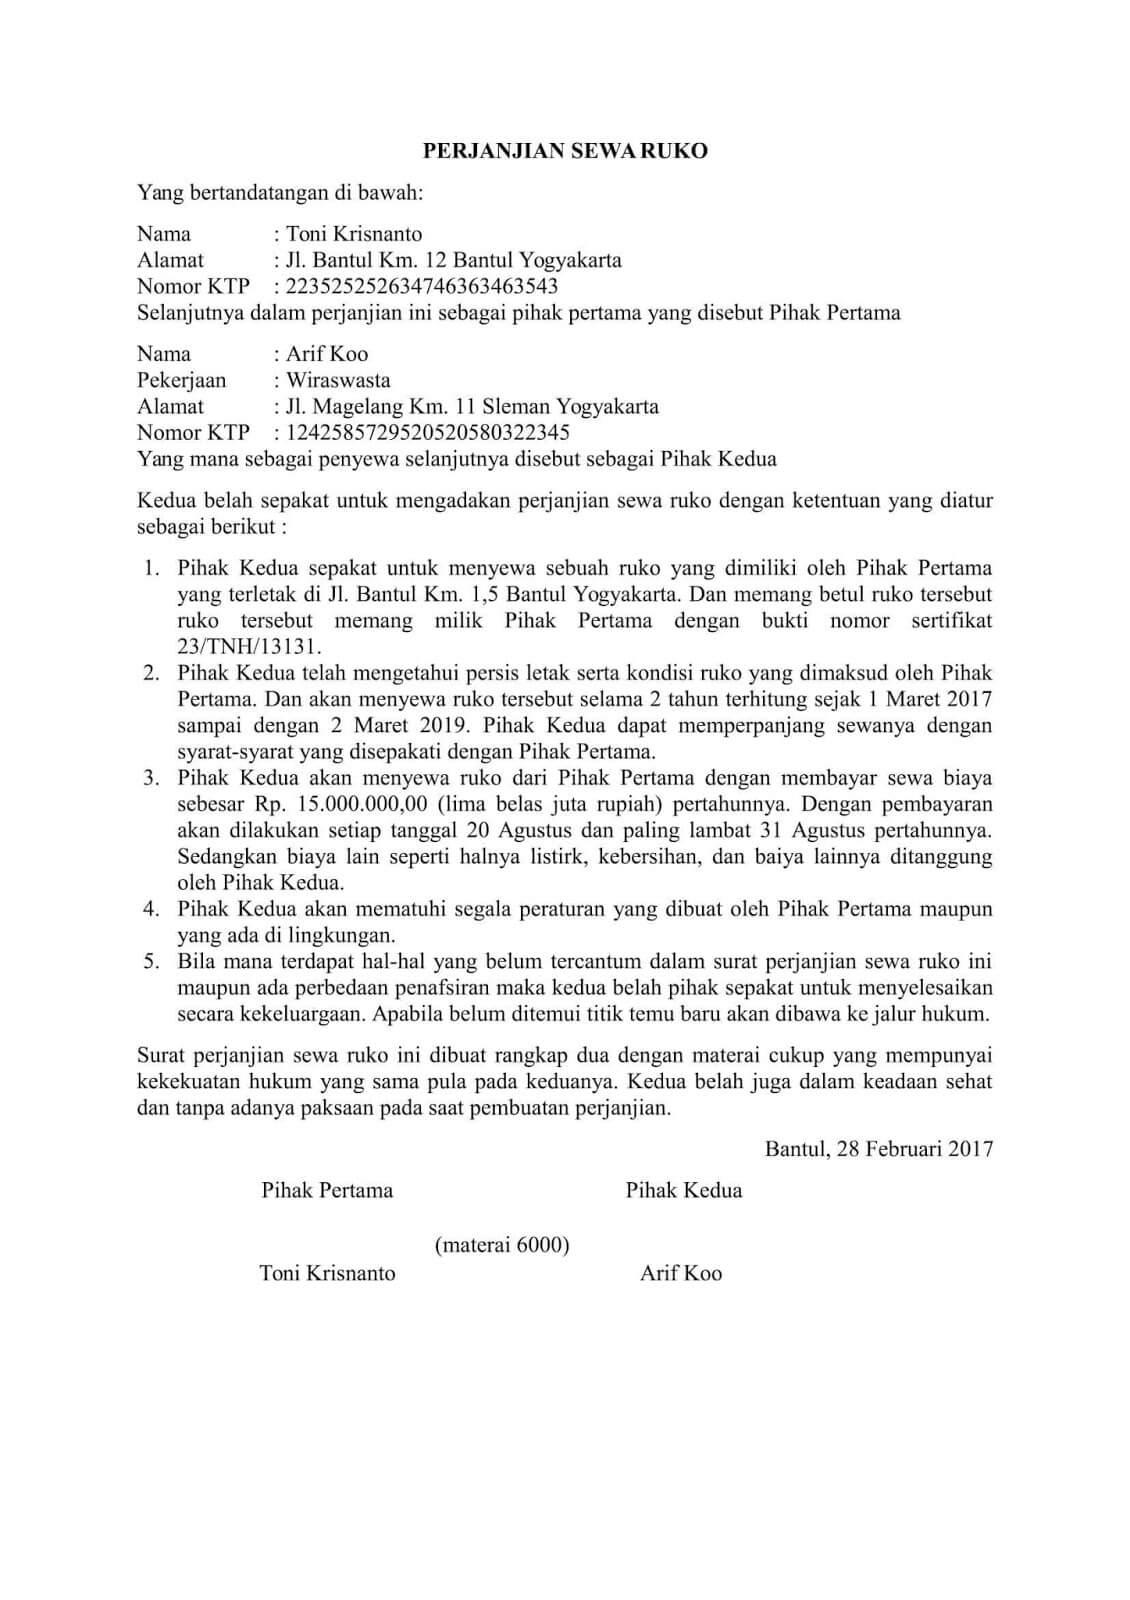 Contoh Surat Perjanjian Sewa Ruko